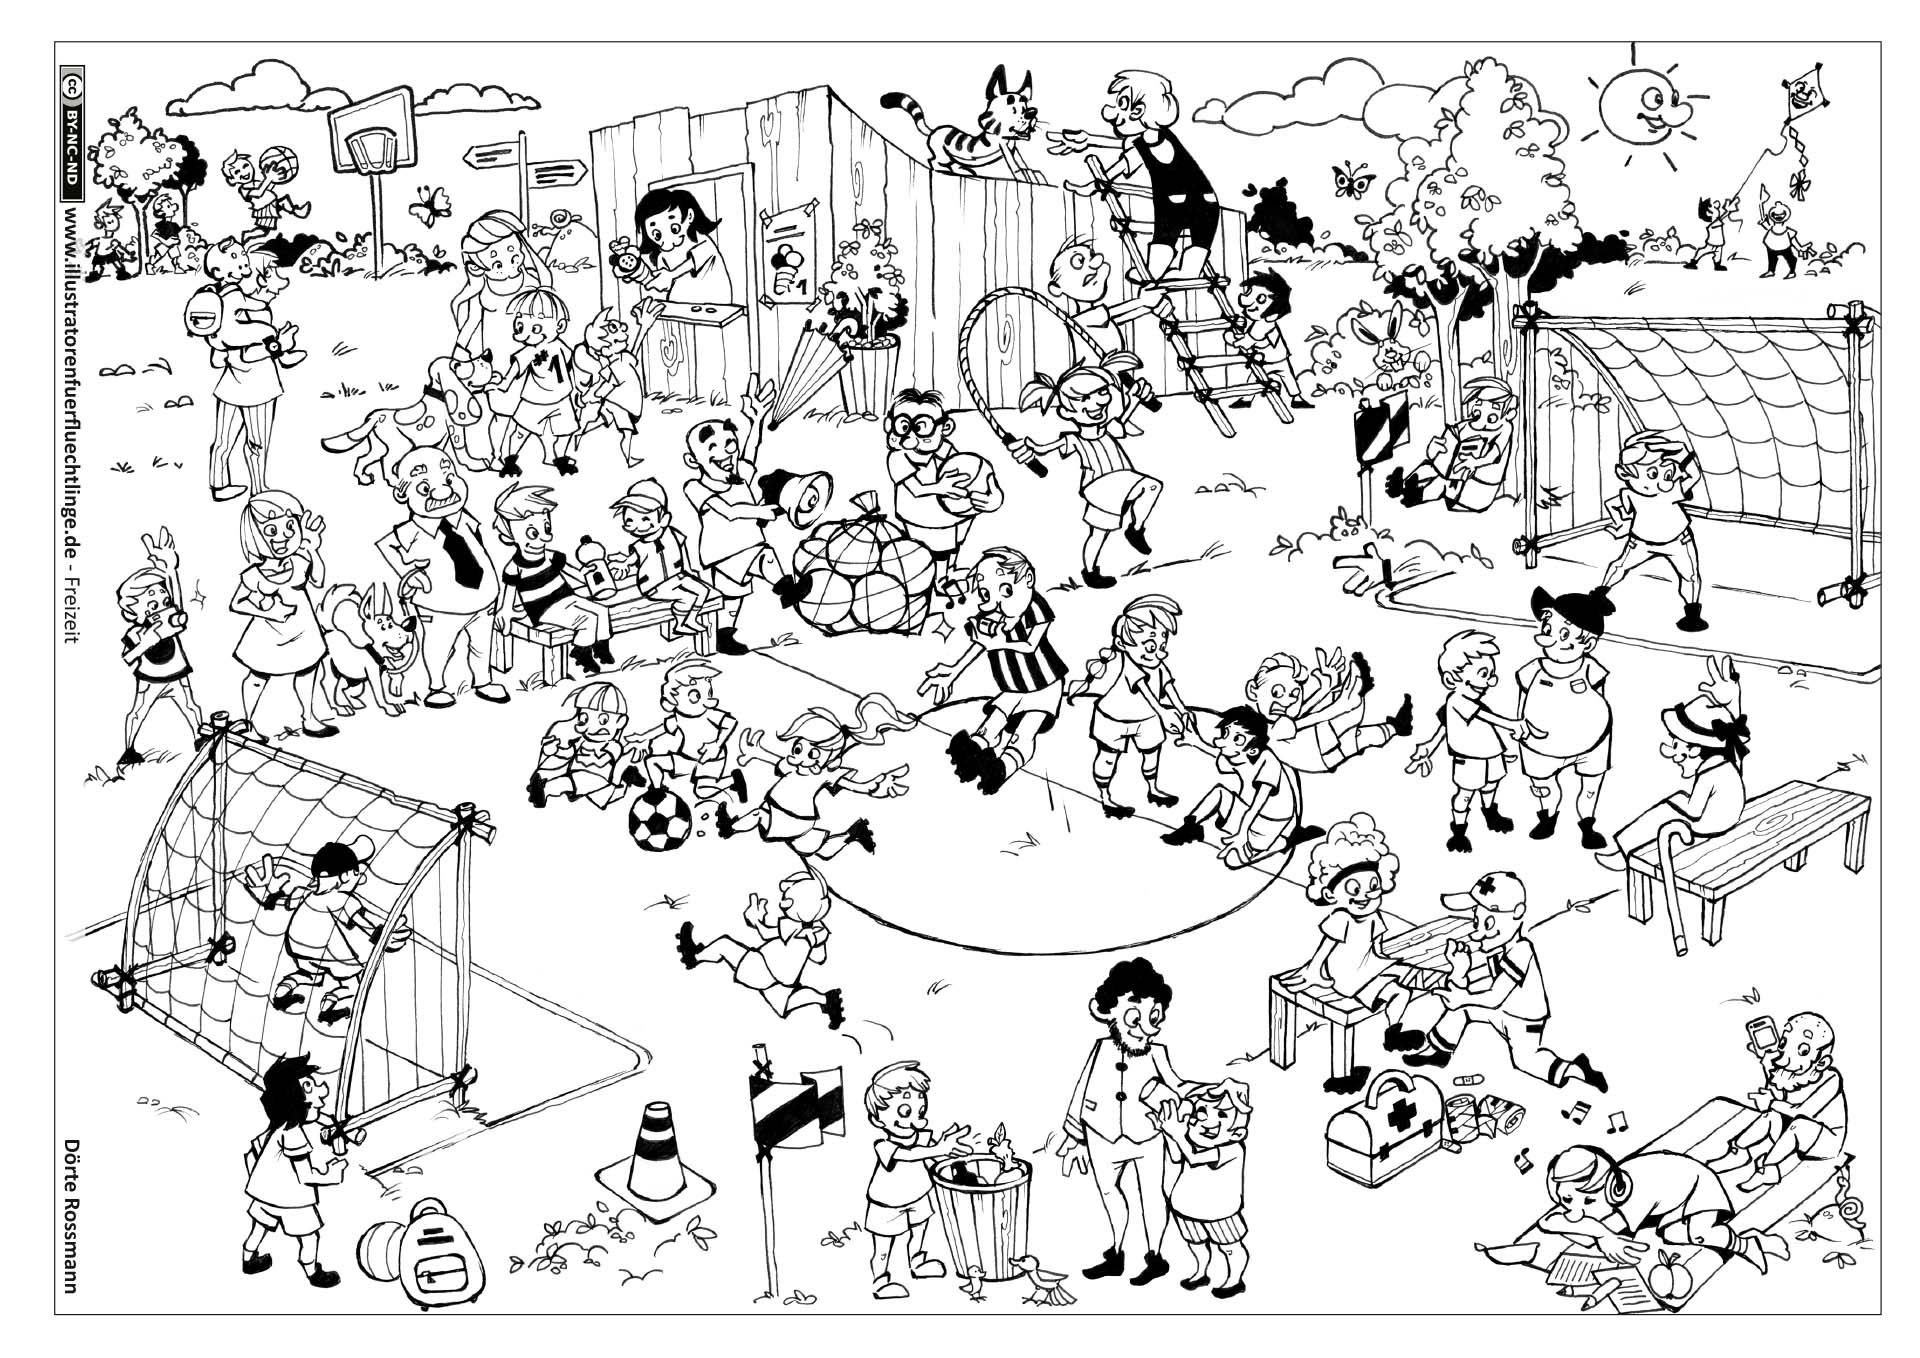 Download Als Pdf Freizeit Fussball Fussballspiel Rossmann Ausmalbilder Malvorlagen Tiere Bauernhof Malvorlagen